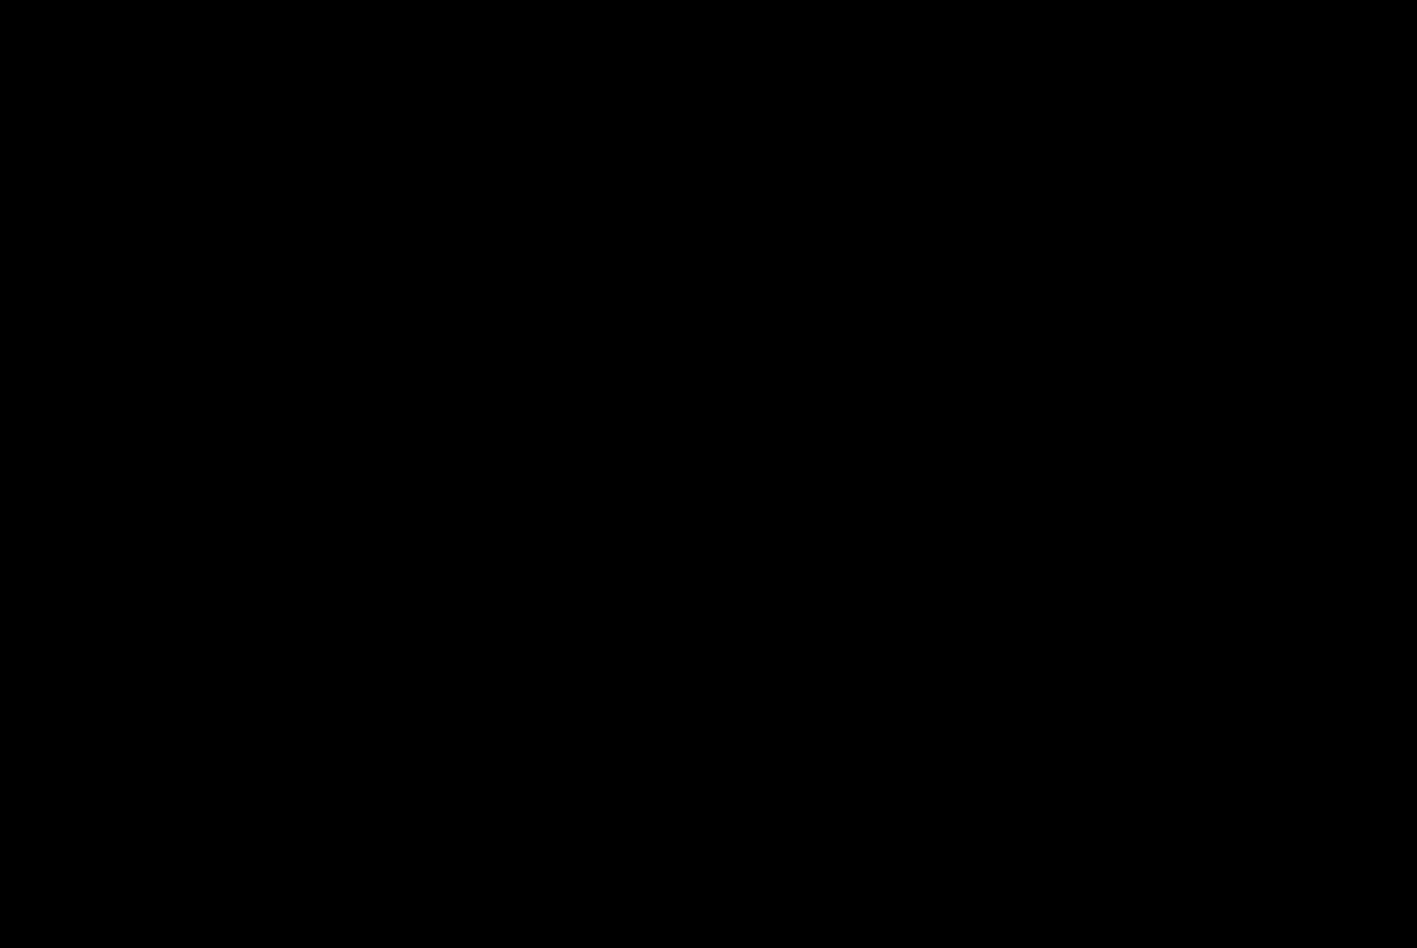 Volné pozice centrála Nehvizdy OFFICE MANAGER / ASISTENT(KA) MANAGEMENTU + REFERENT(KA) LOGISTIKY A NÁKUPU